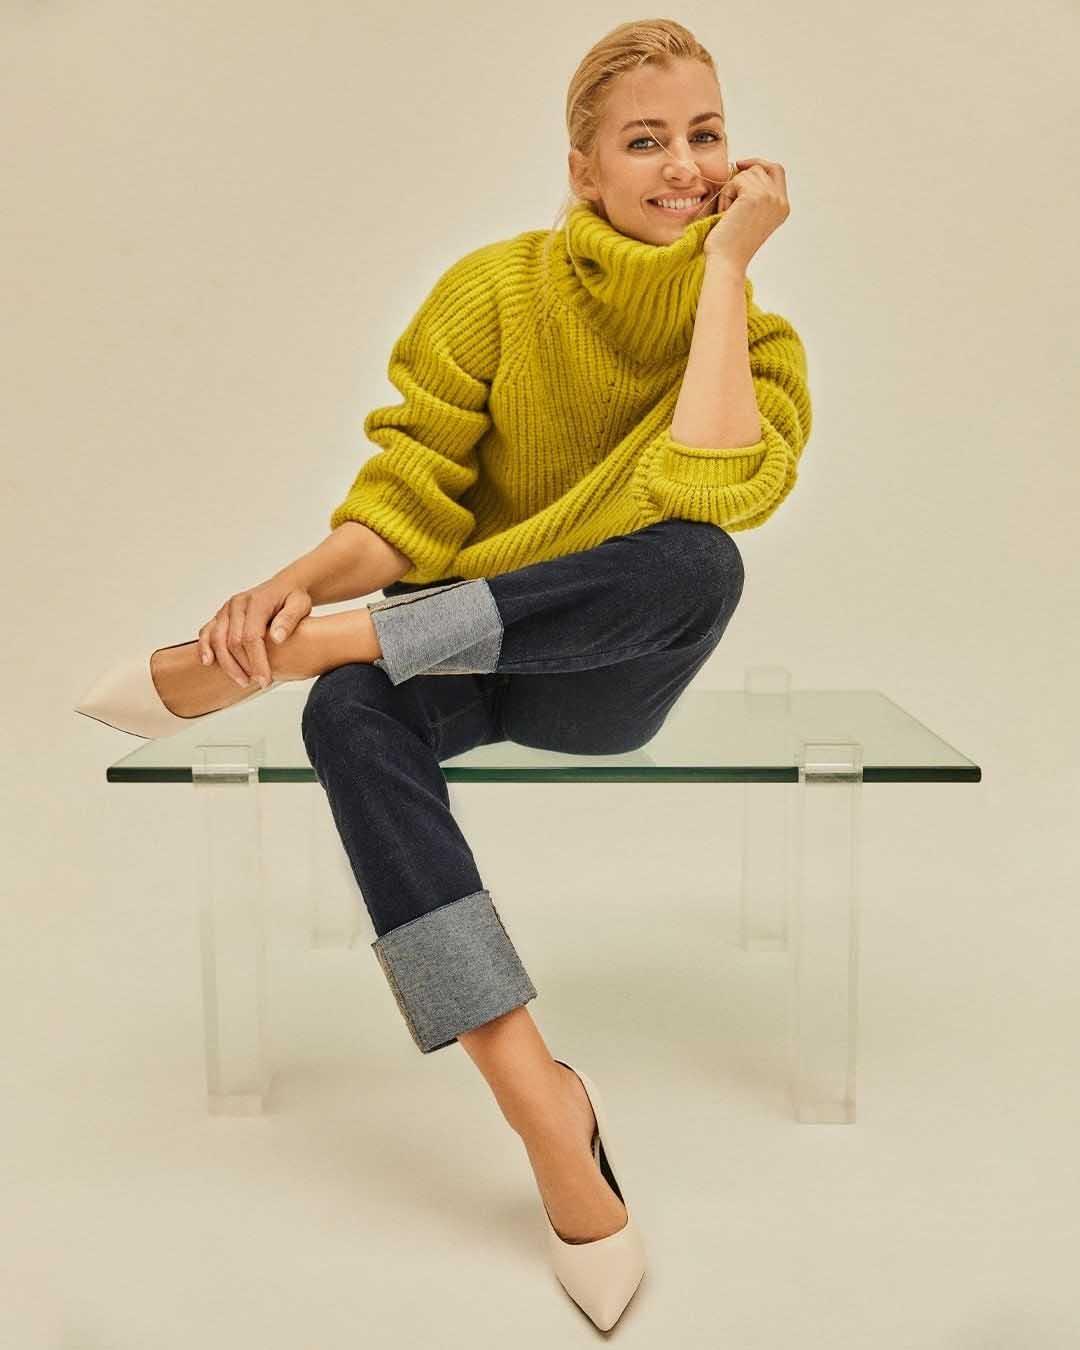 polerones invierno 2021 moda mujer 2021